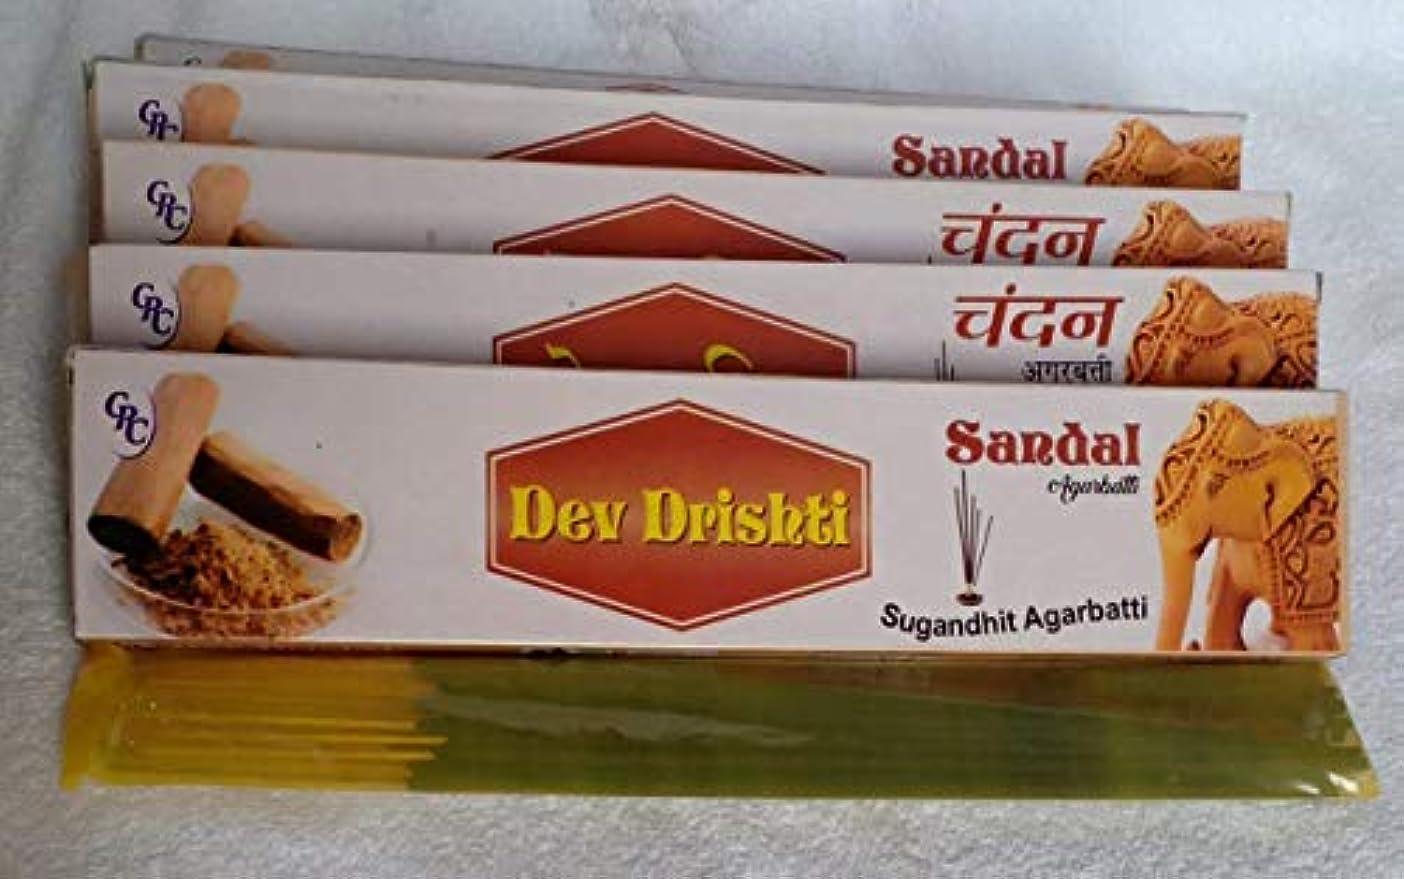 ネーピア摩擦モンクDev Drishti Sandal Agarbatti Pack Of 12 (Per Pack of 15 Sticks)